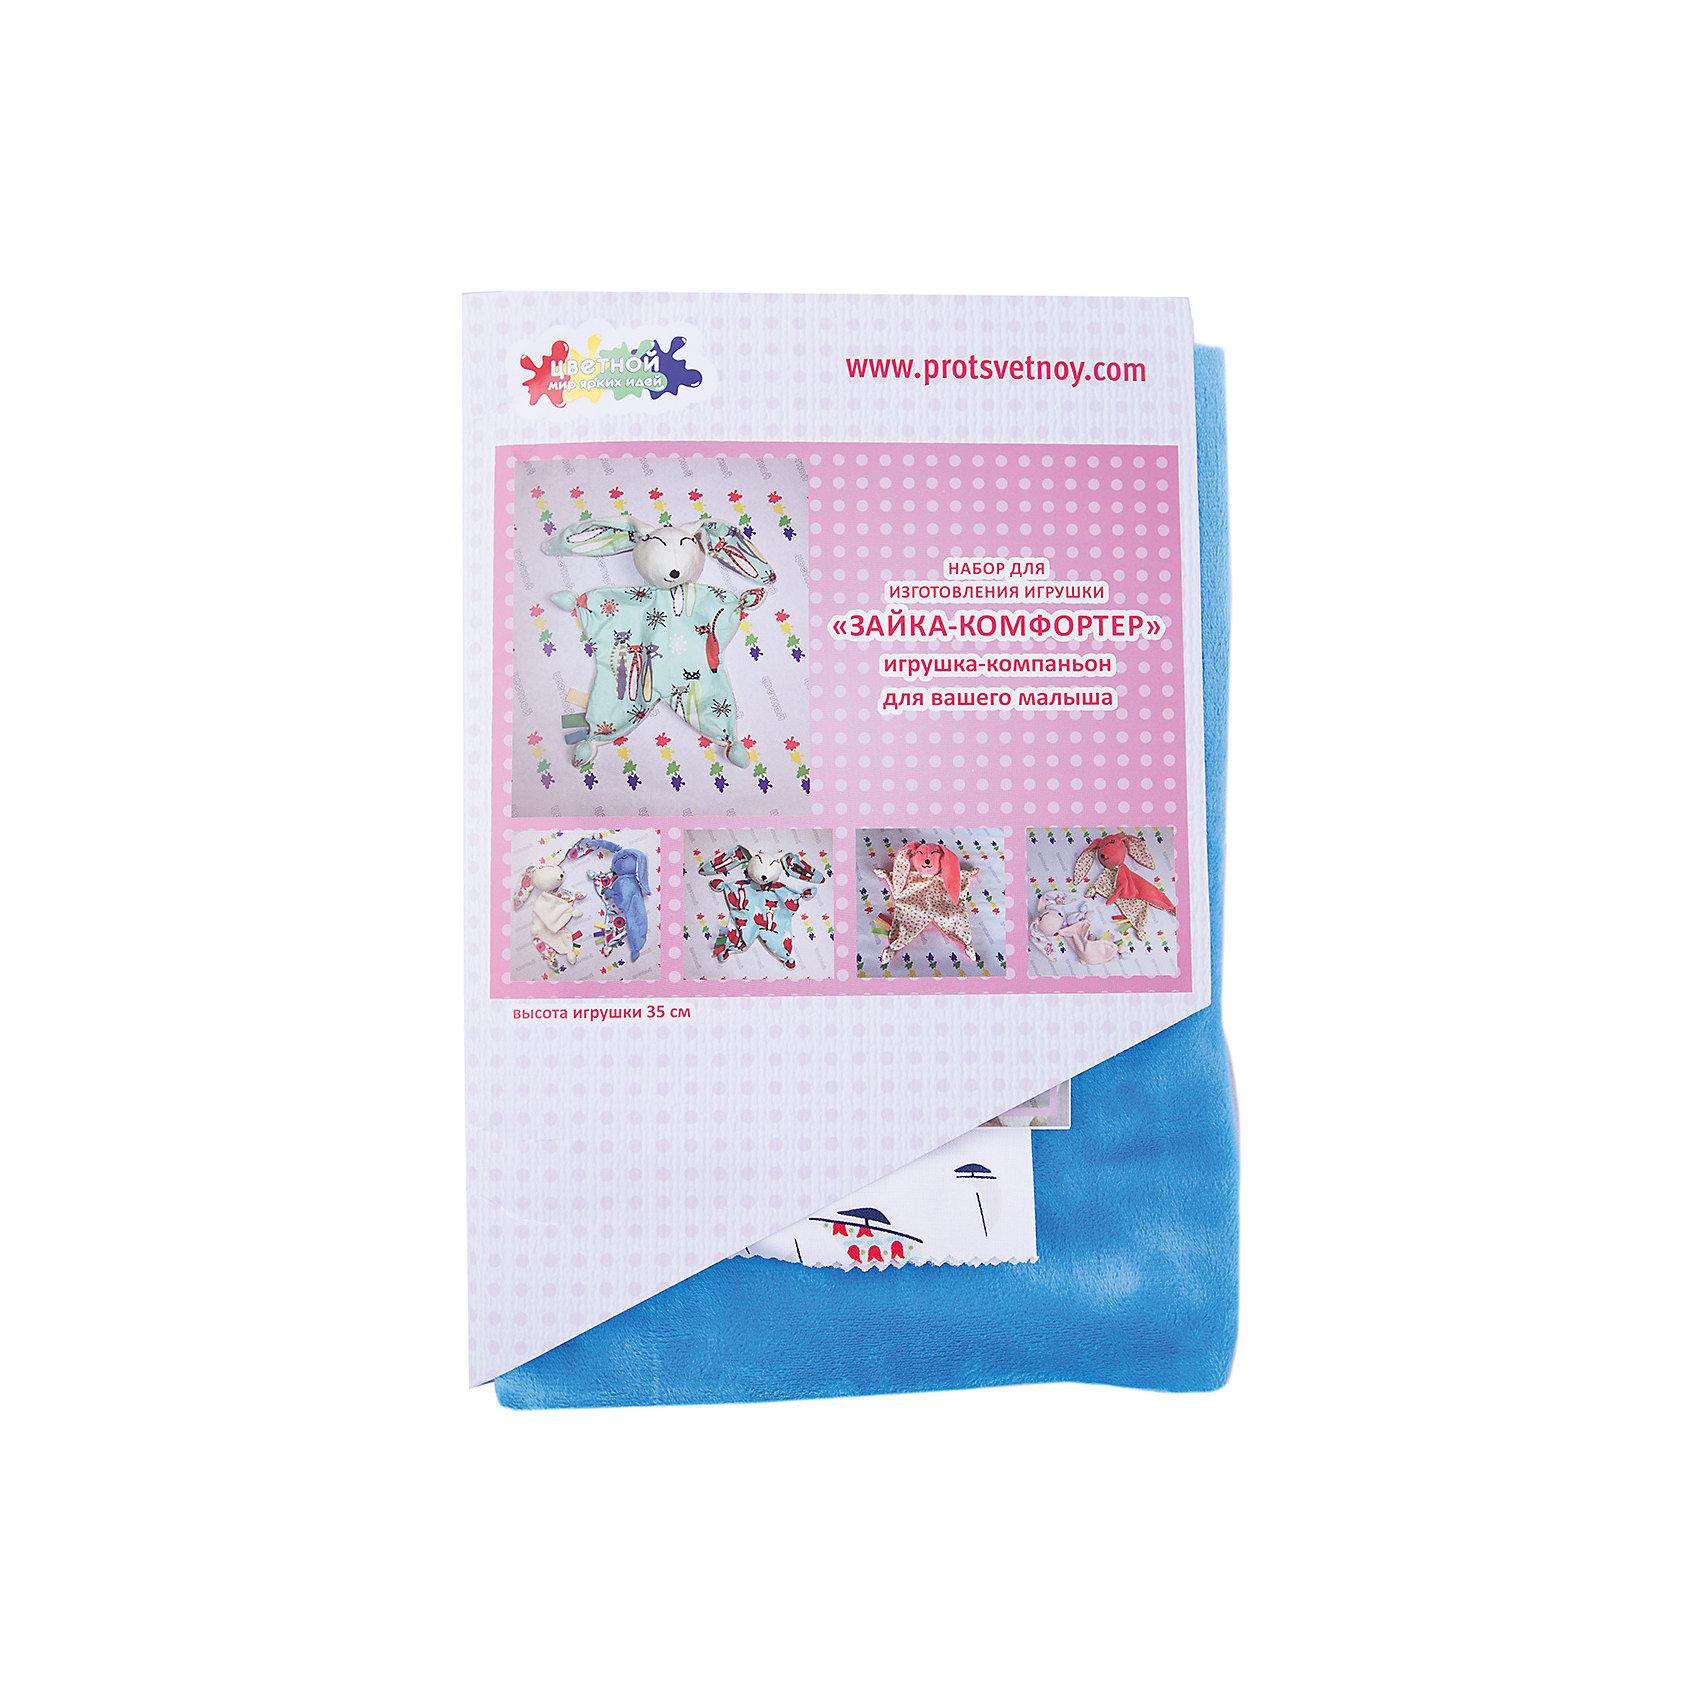 Набор Зайка-КомфортерШитьё<br>В набор входит выкройка, подробная инструкция, лекало, мел, булавки, нитки, наполнитель-холлафайбер, ленты и аксессуары для украшения. Игрушка выполняется из специальной несыпучей ткани для печворка. Своими руками Вы создаете дизайнерскую игрушку<br><br>Ширина мм: 250<br>Глубина мм: 20<br>Высота мм: 350<br>Вес г: 500<br>Возраст от месяцев: 120<br>Возраст до месяцев: 180<br>Пол: Унисекс<br>Возраст: Детский<br>SKU: 5350876